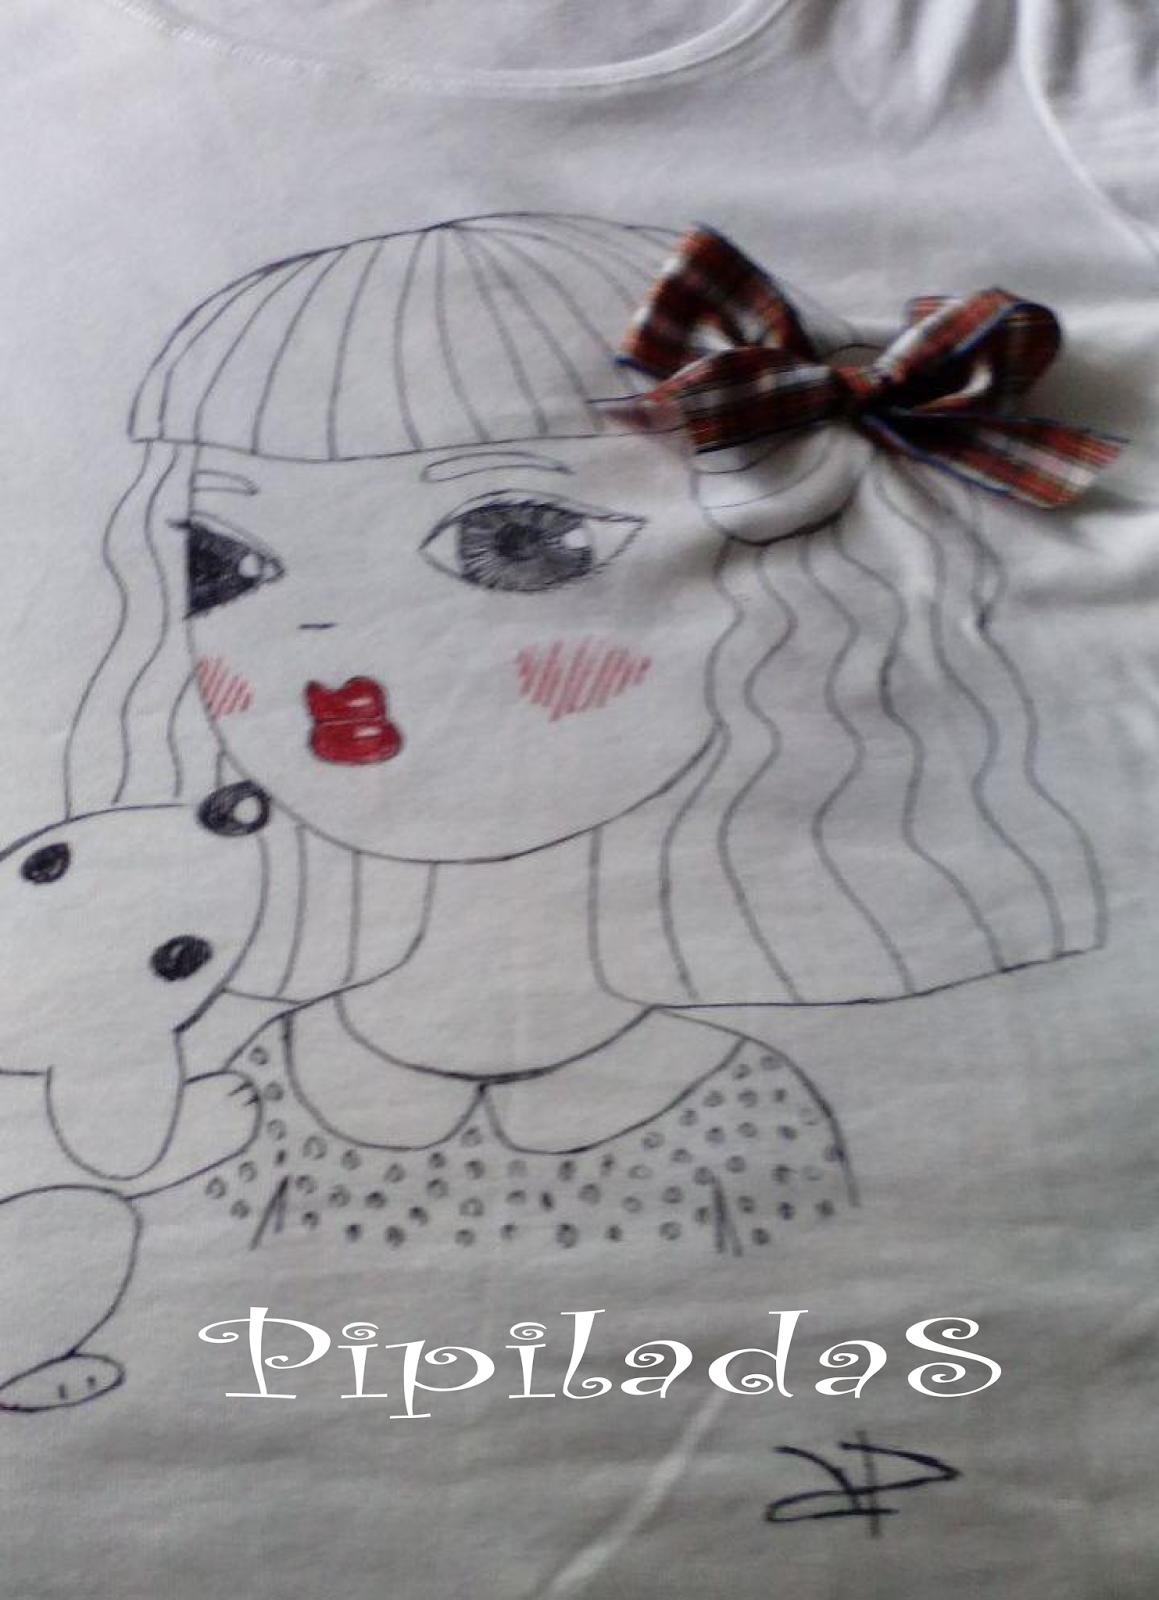 Dibujo en camiseta personalizado con un lazo